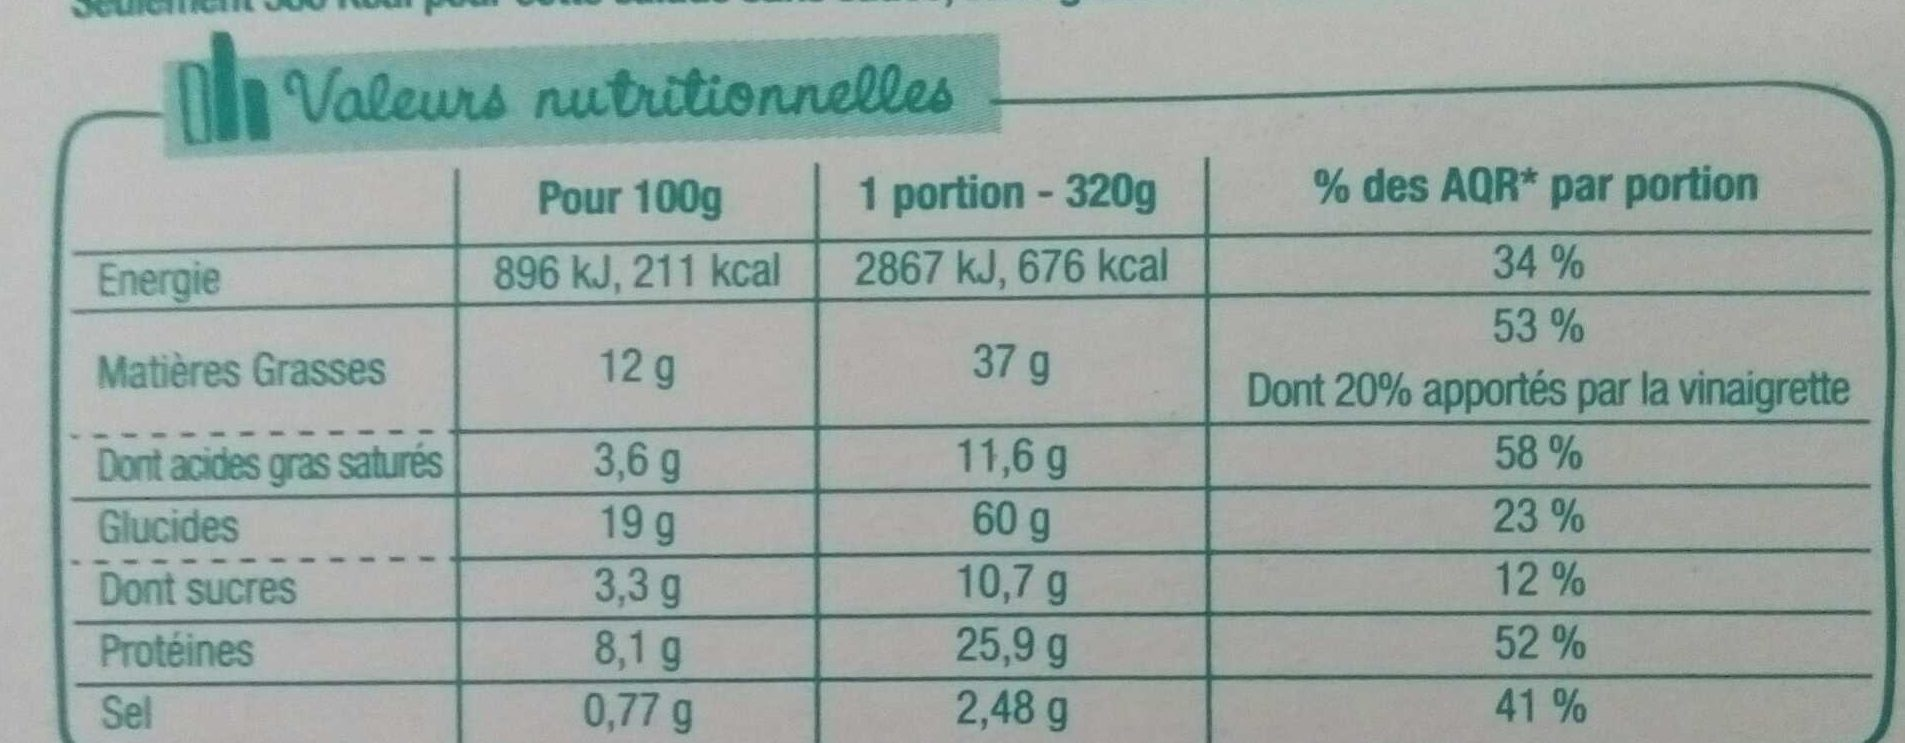 Salade & Compagnie - Venezia - Informations nutritionnelles